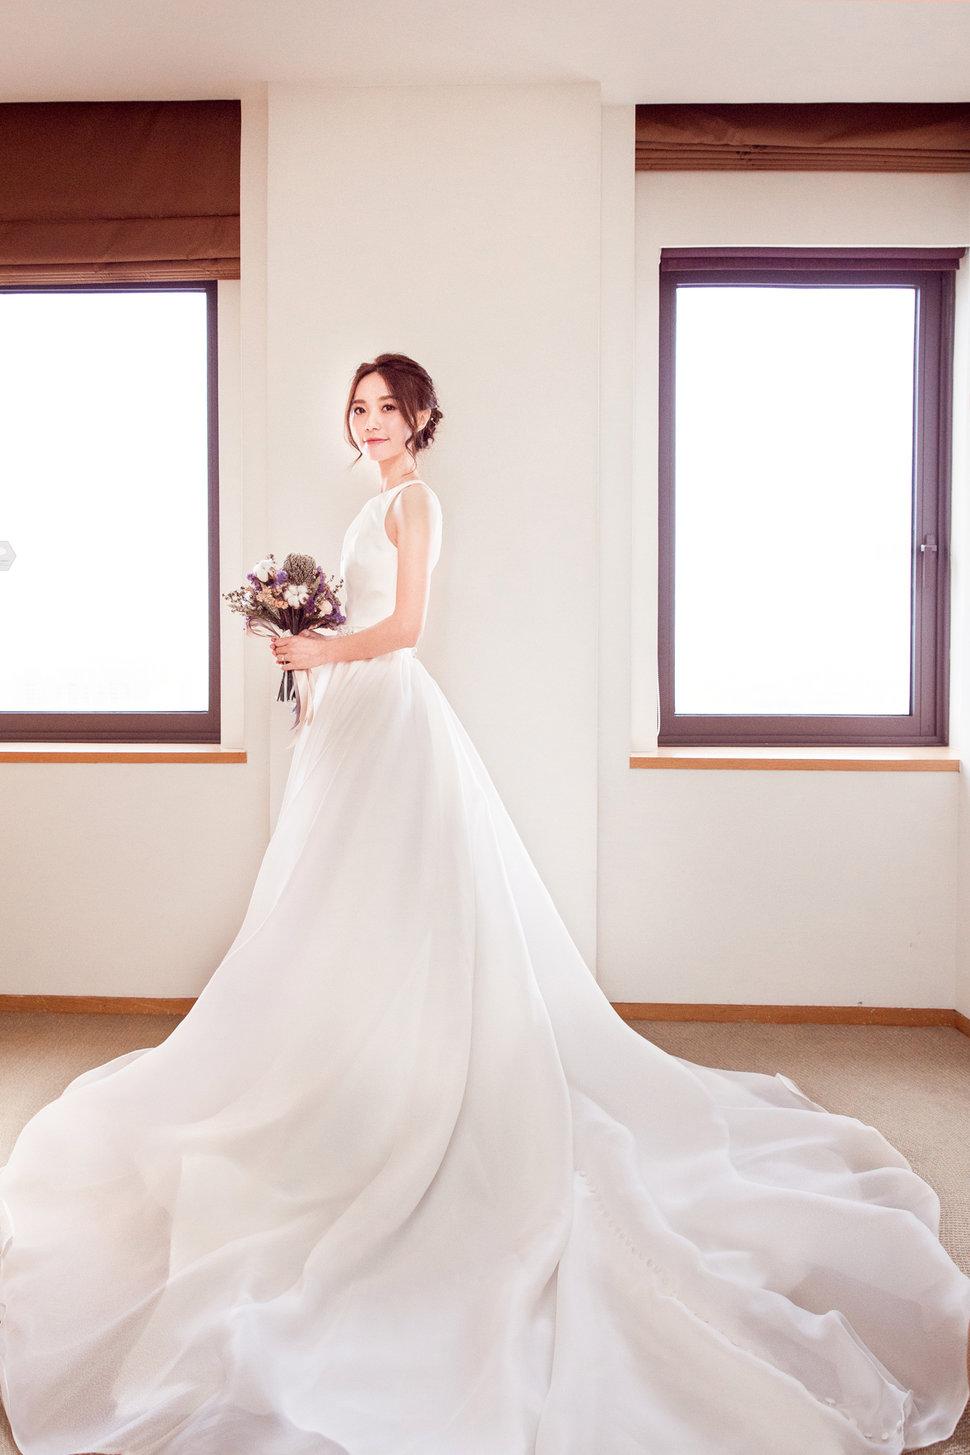 1H6A0385 - Inge Studio英格影像 - 結婚吧